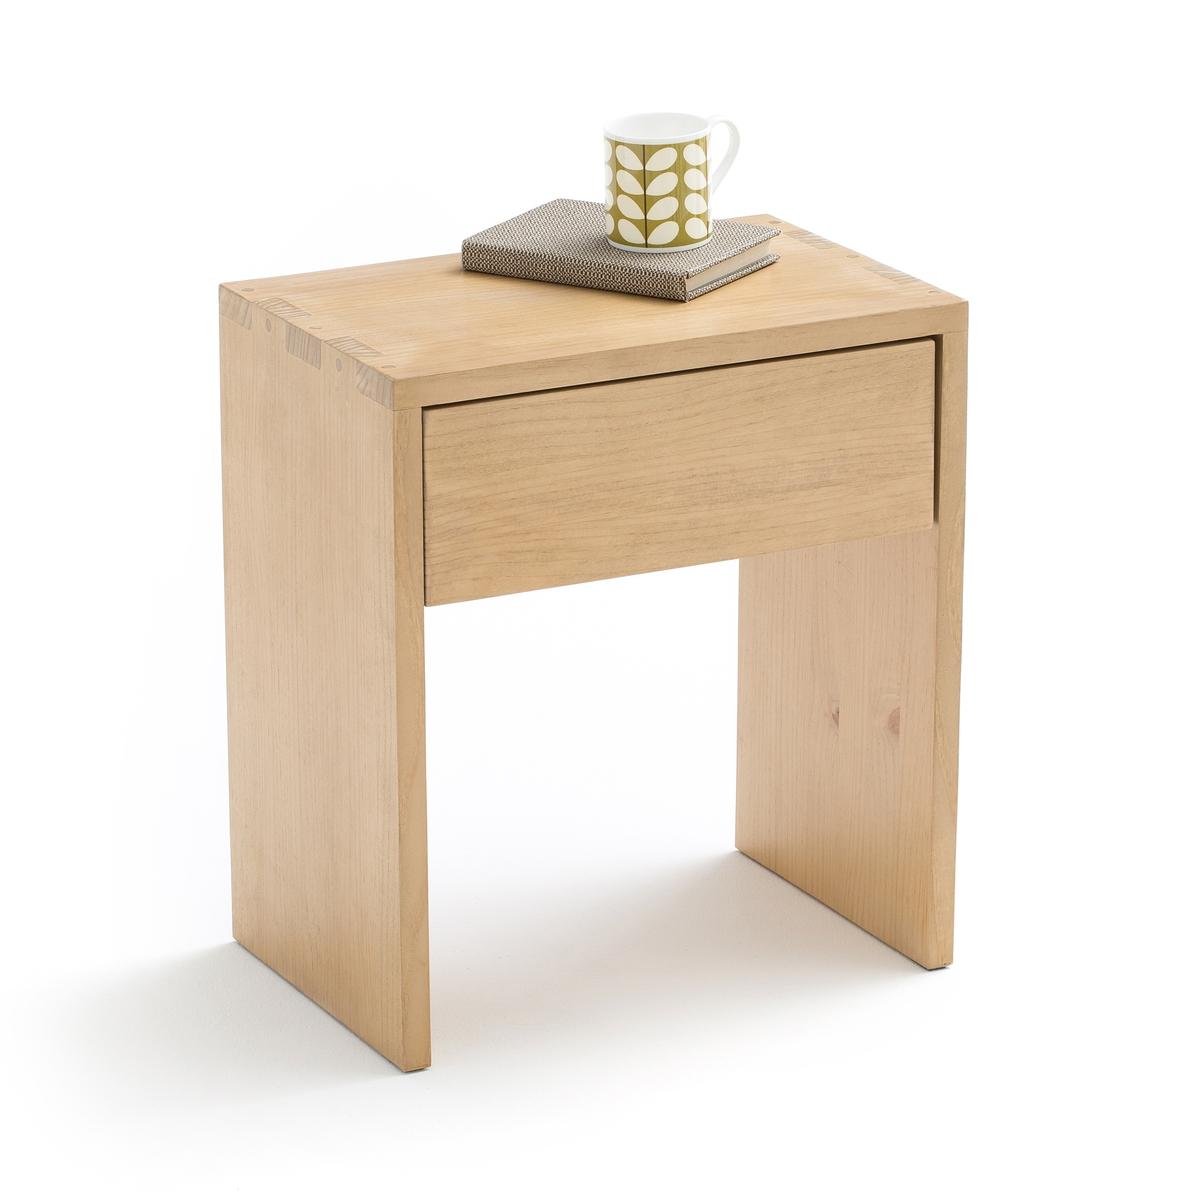 Столик прикроватный с 1 ящиком CRUESO столик прикроватный asayo